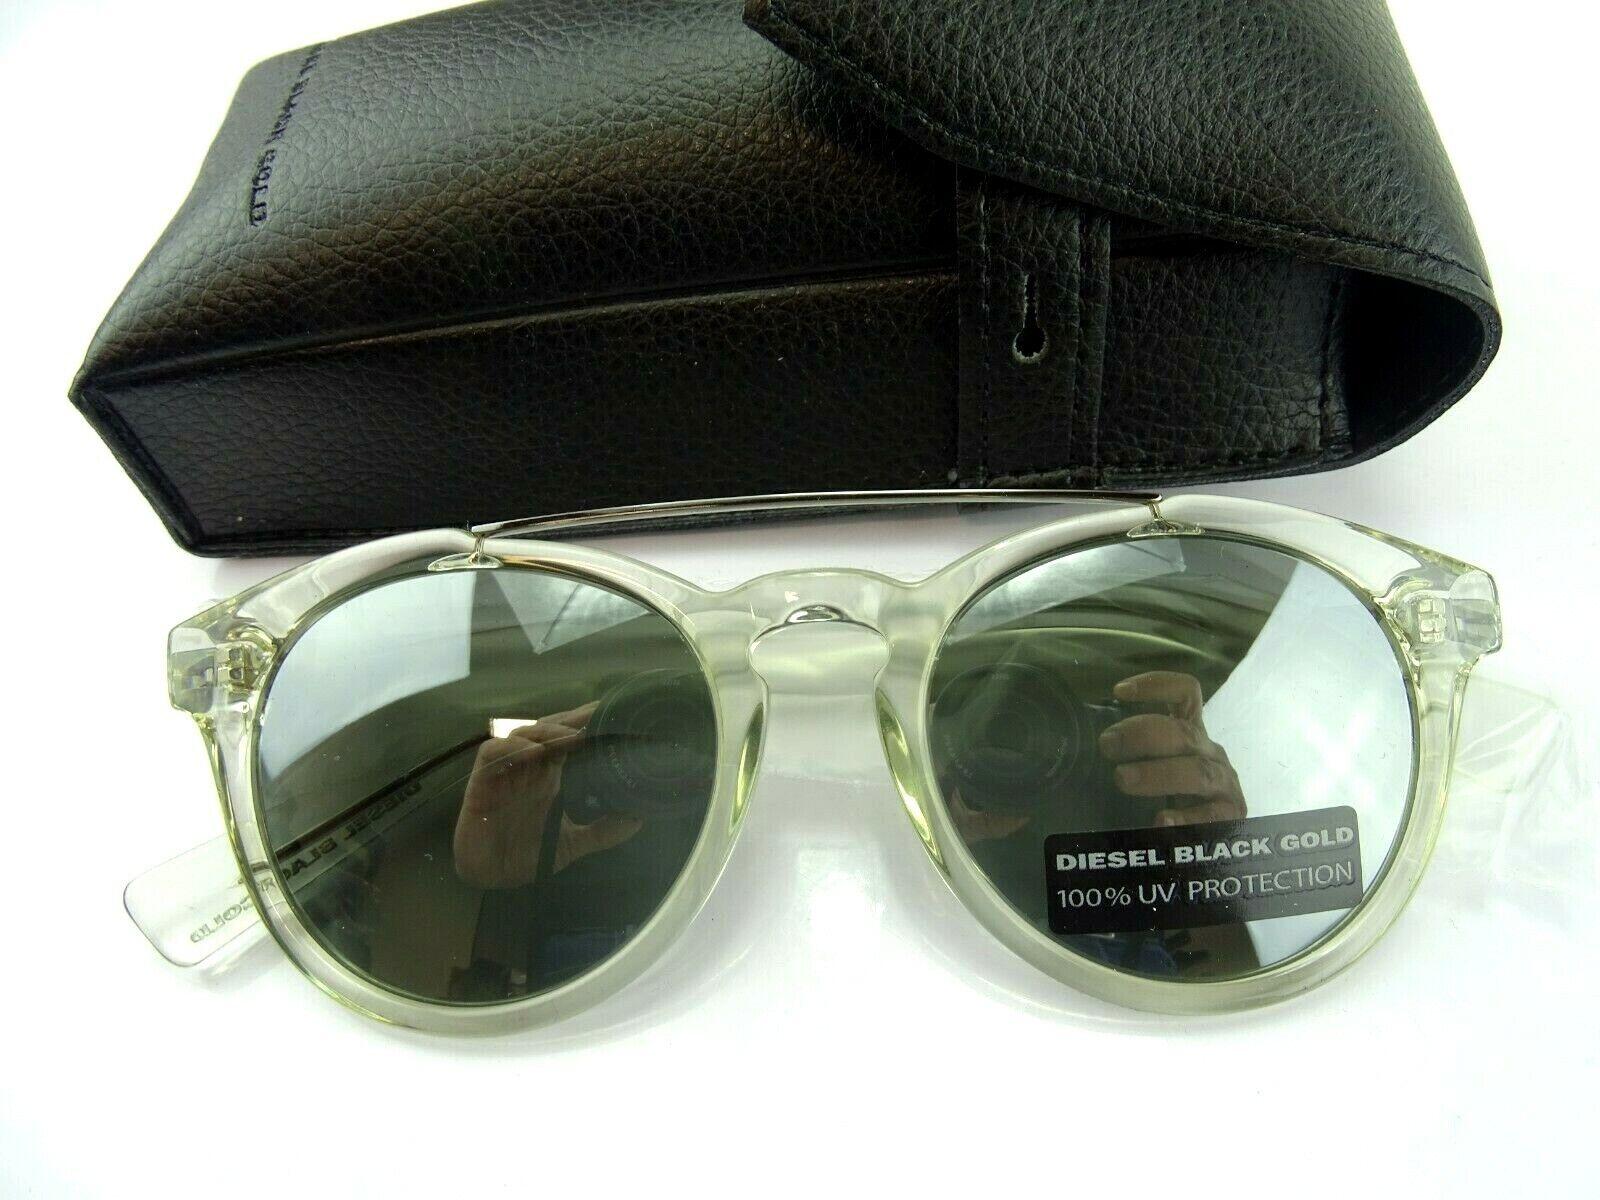 DIESEL DOUBLEYES OCCCHIALE BLACKGOLD Brillenfassung Brillengestell Eyeglasses